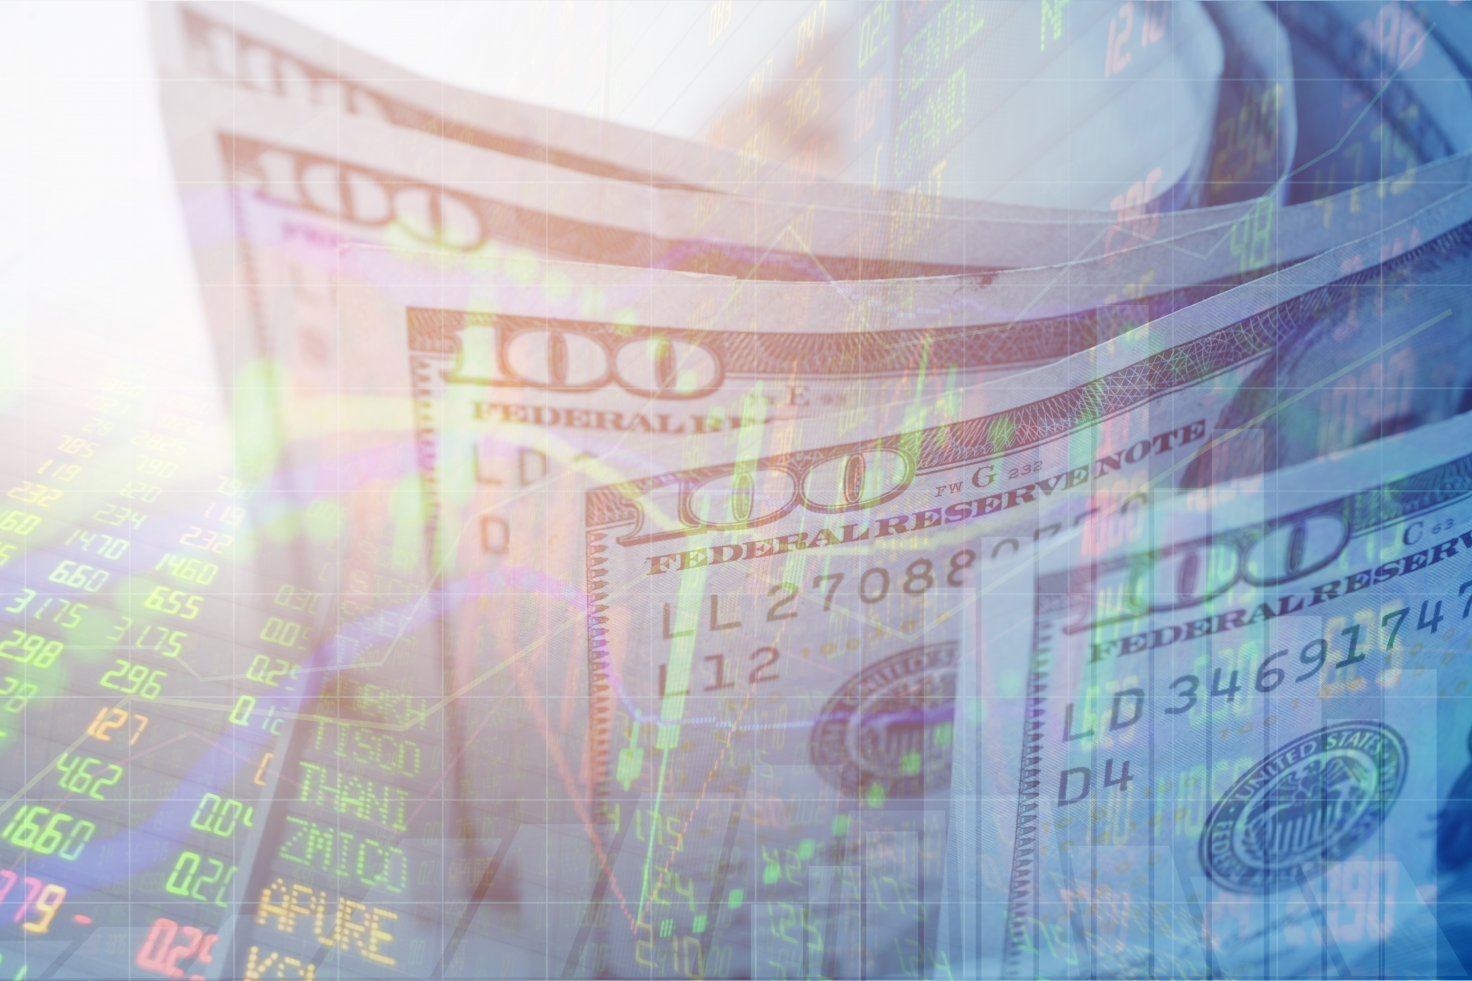 تحلیل تکنیکال دلار 4 - تحلیل تکنیکال شاخص دلار آمریکا (DXY)؛ چهارشنبه ۱۱ فروردین